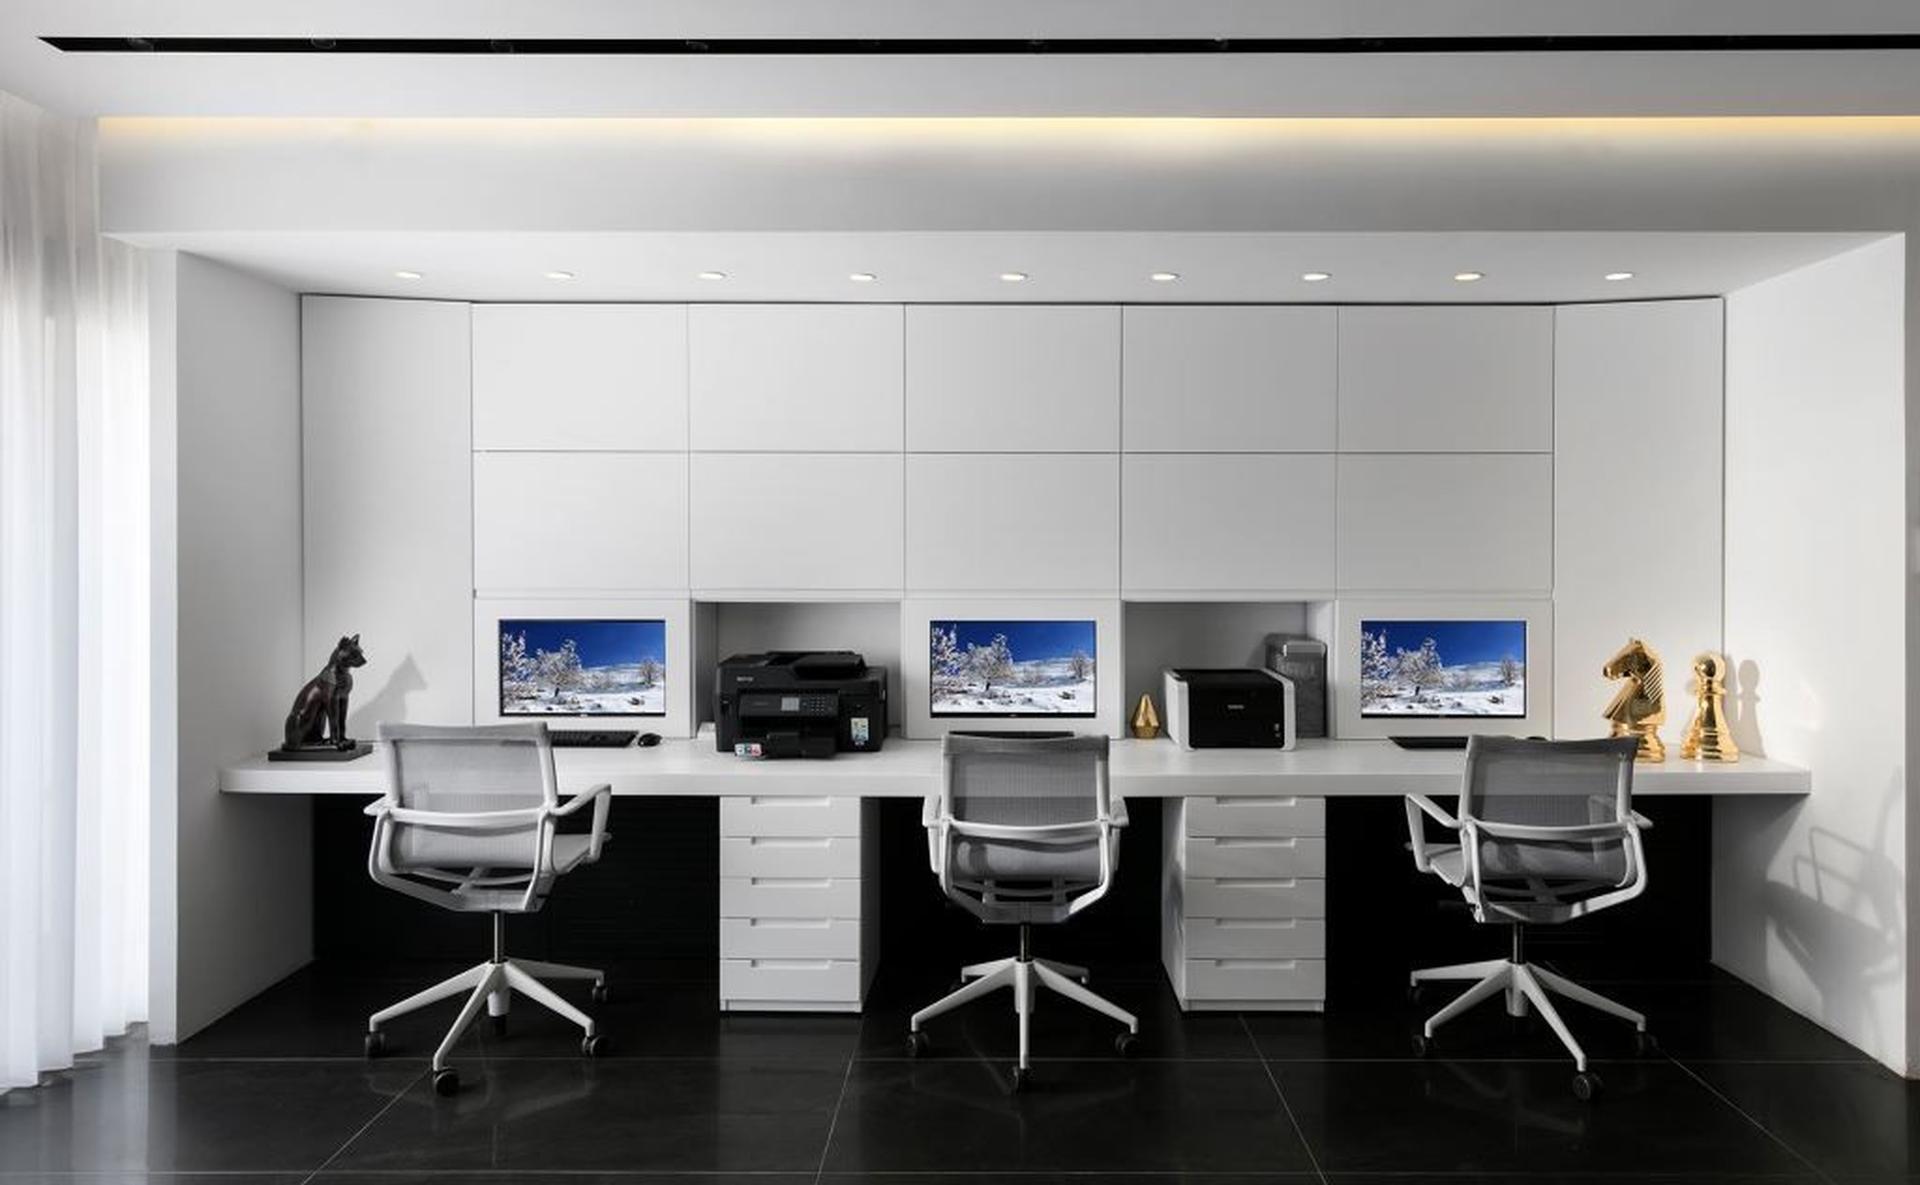 חלל העבודה בכניסה לדירה. צילום: אלעד גונן